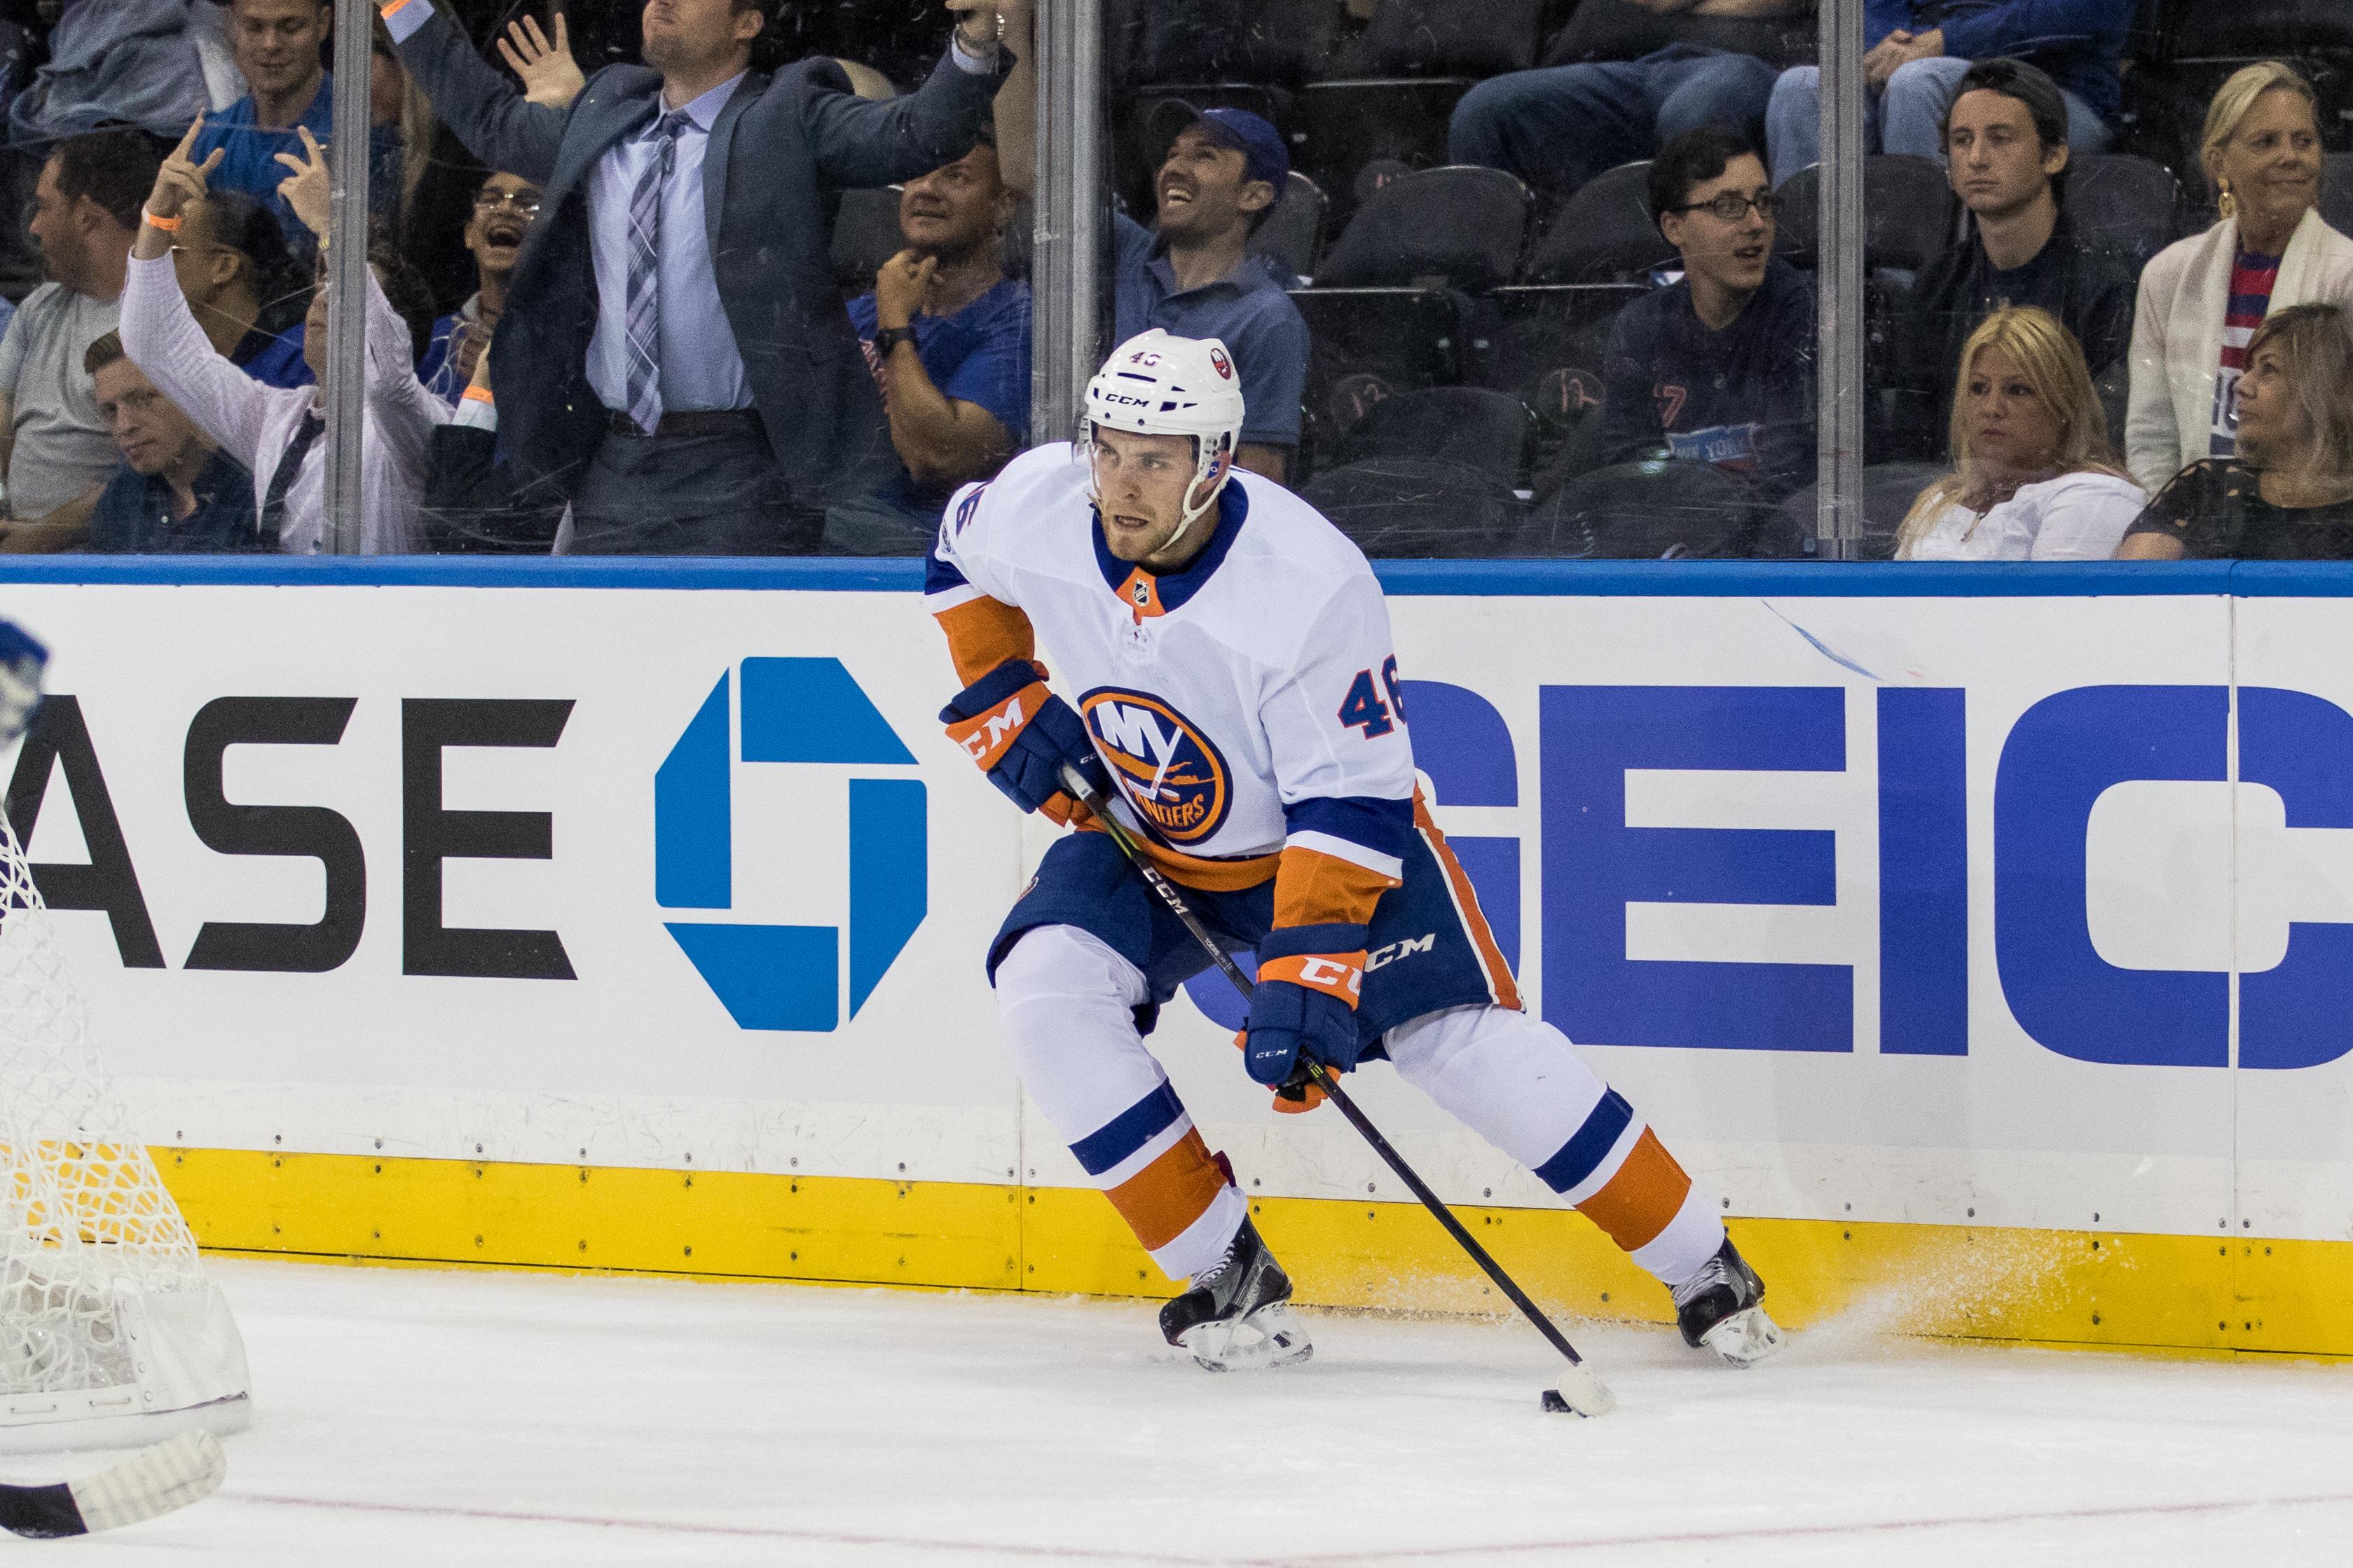 NHL: SEP 18 Preseason - Islanders at Rangers